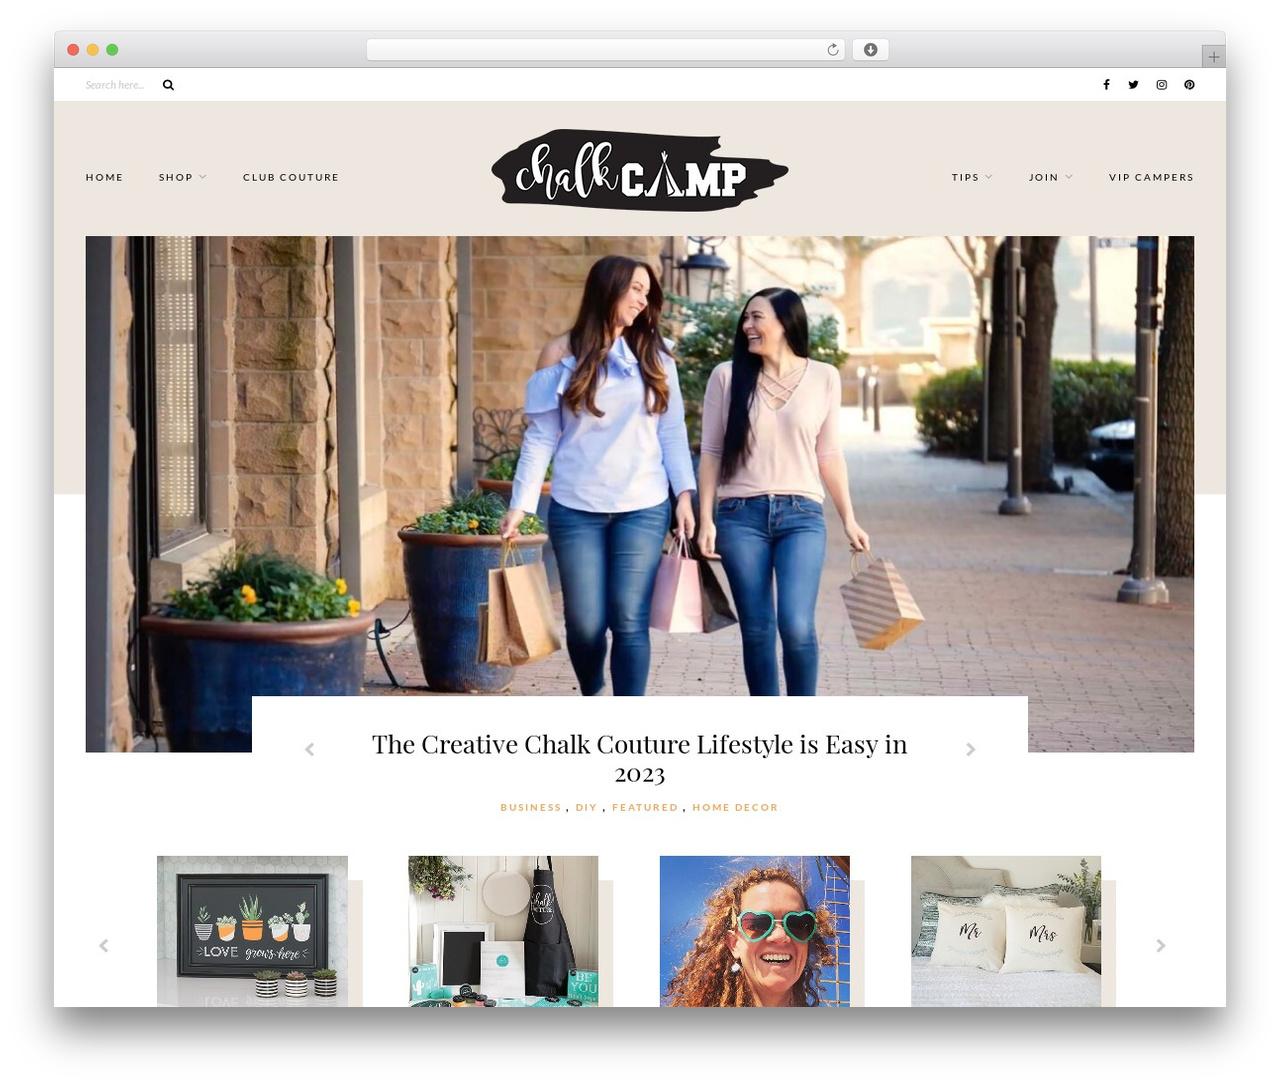 Caroline WordPress theme design - chalkcamp.com